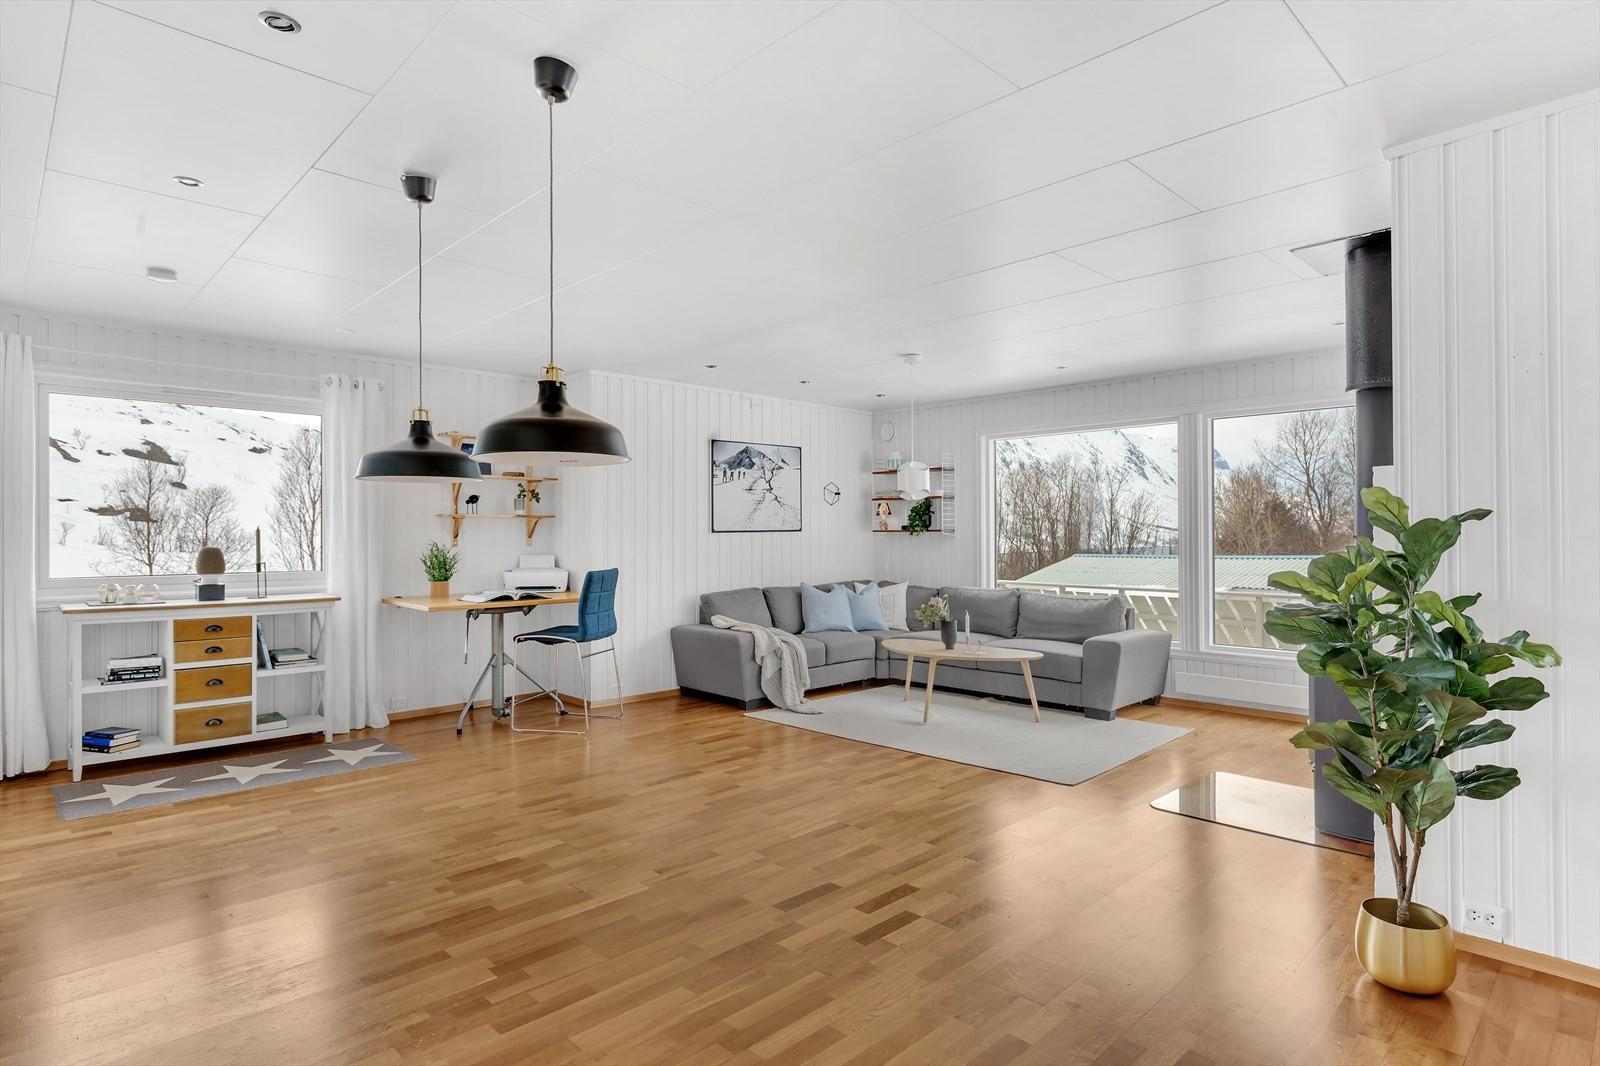 Romslig stue med fin lysgjennomgang